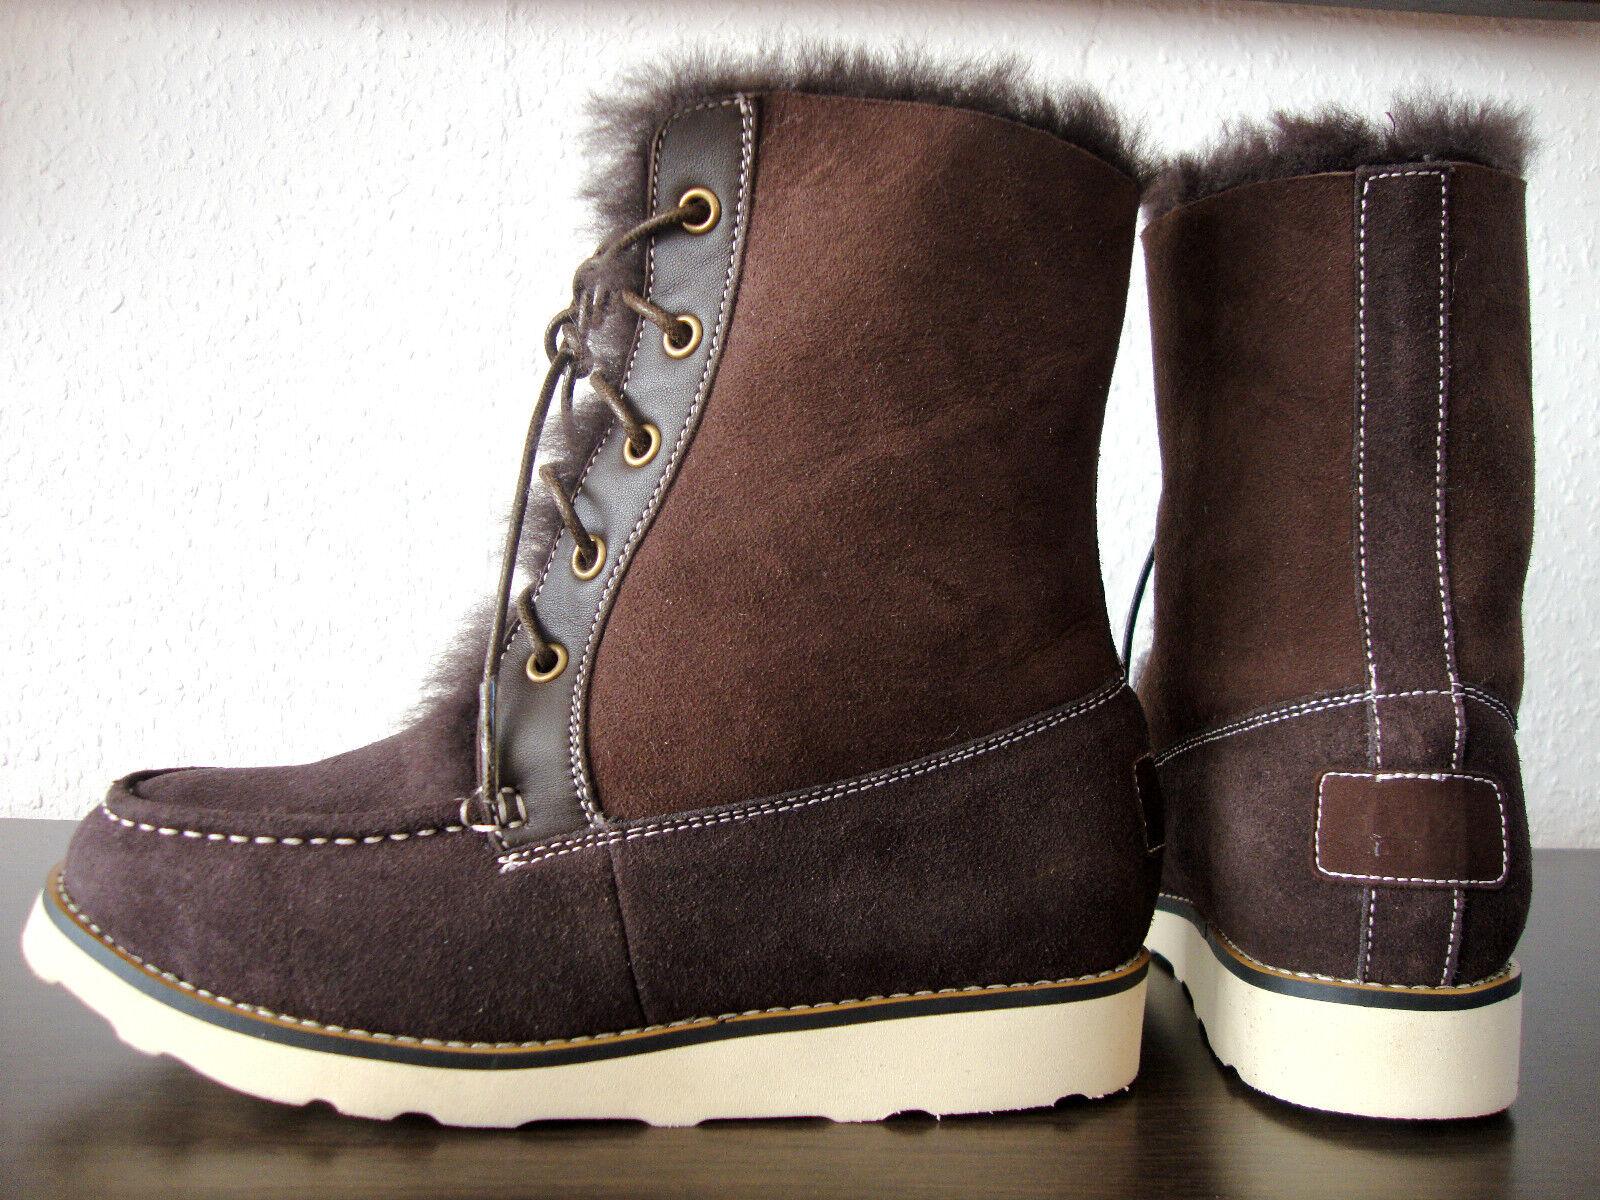 vendite dirette della fabbrica Australia LUXE Chukka donna stivali stivali stivali Stivali Da Donna Scarpe in pelle Marronee tg. 36 NUOVO  in vendita